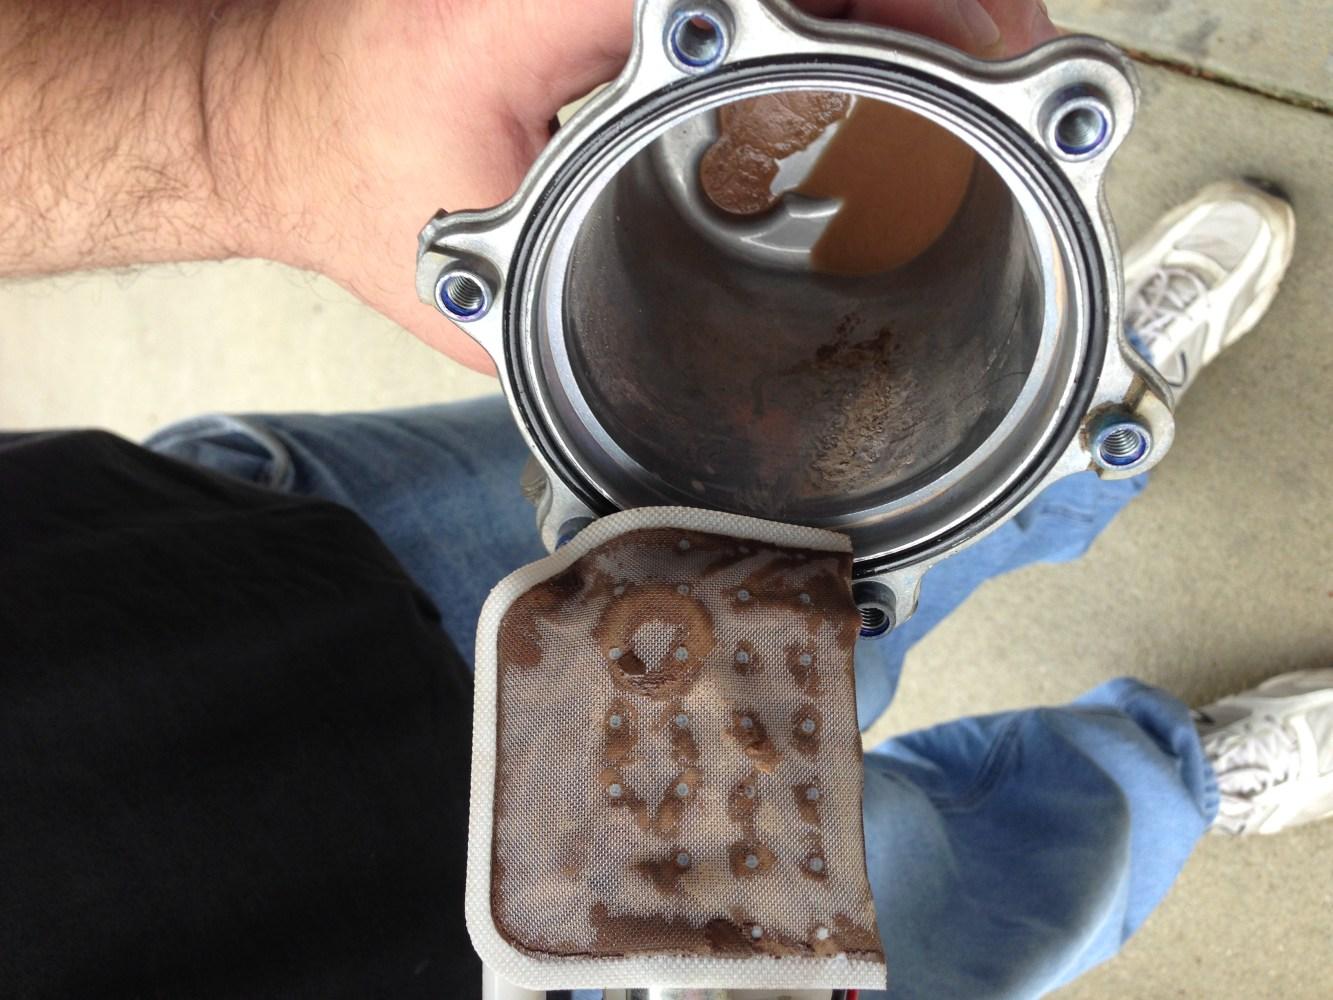 medium resolution of home honda rancher fuel filter location rancher running rough honda atv forum